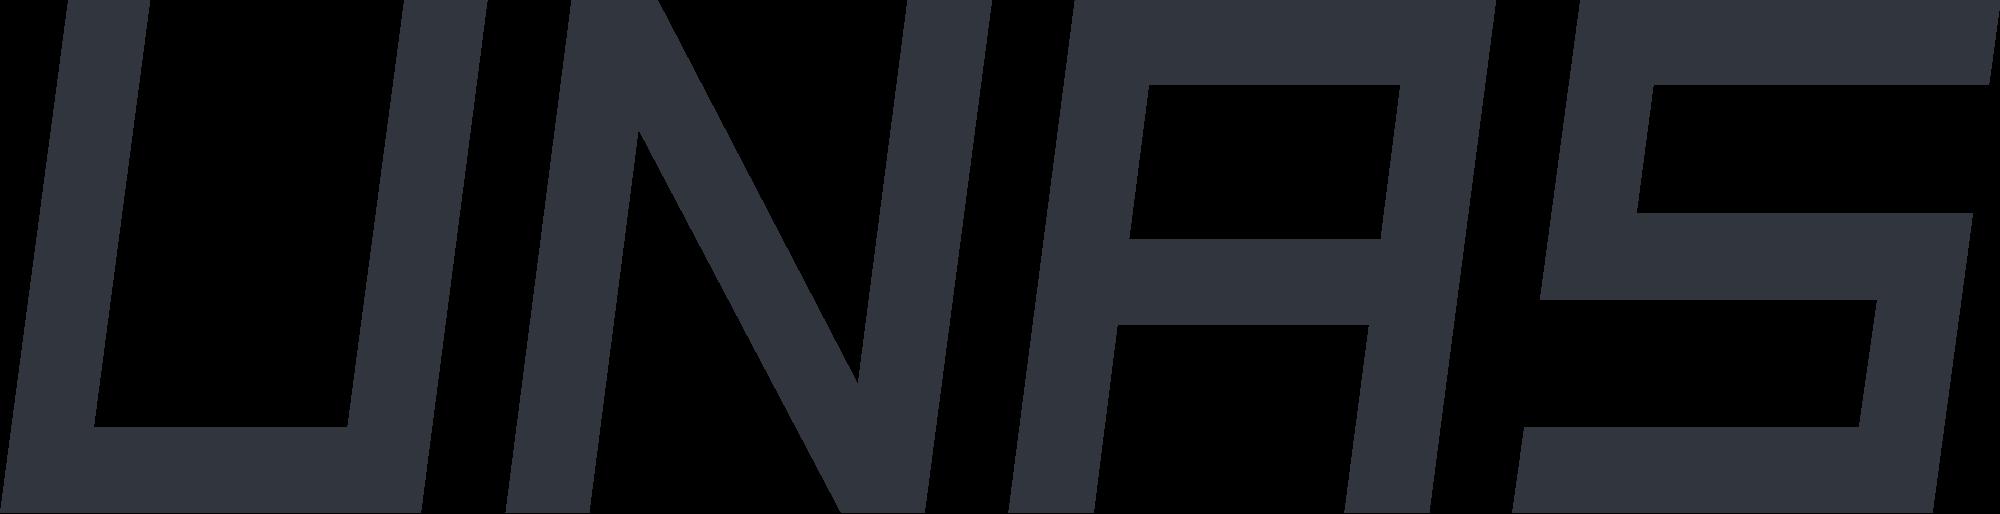 unas-antracit-logo